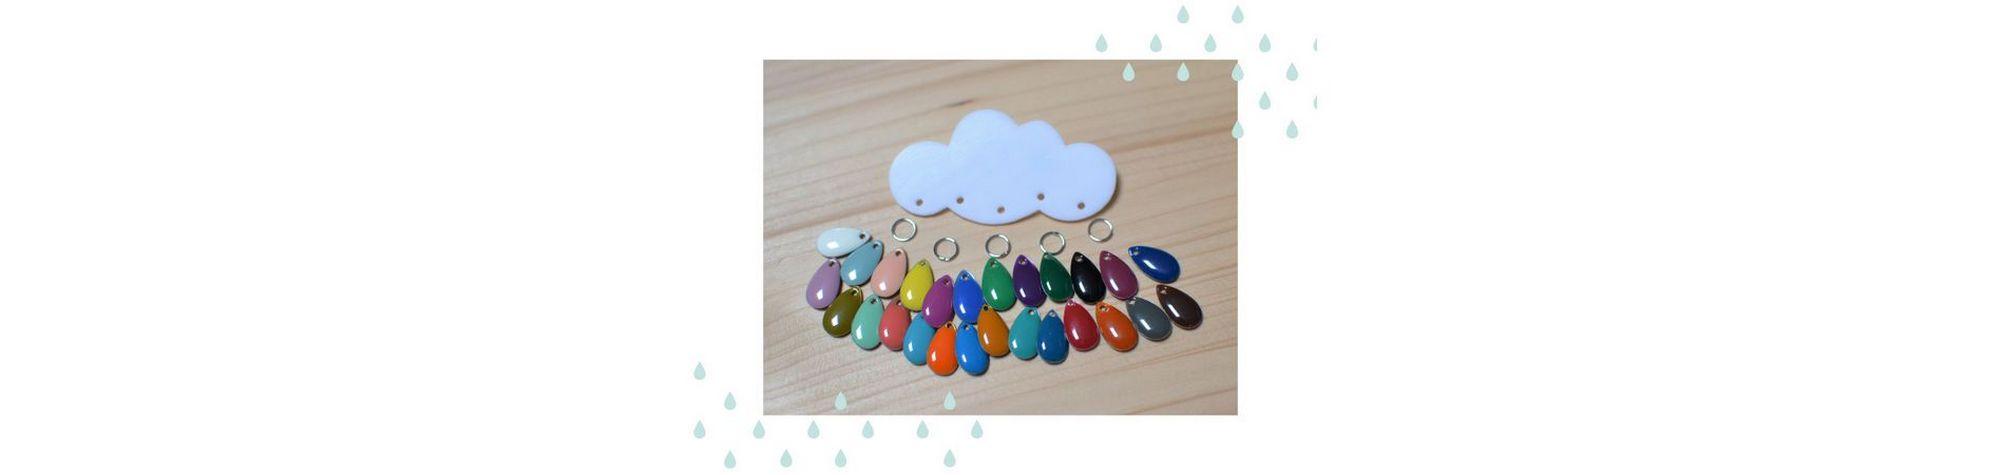 Concours ~ Broches nuages et gouttes multicolores au choix #BDJ137